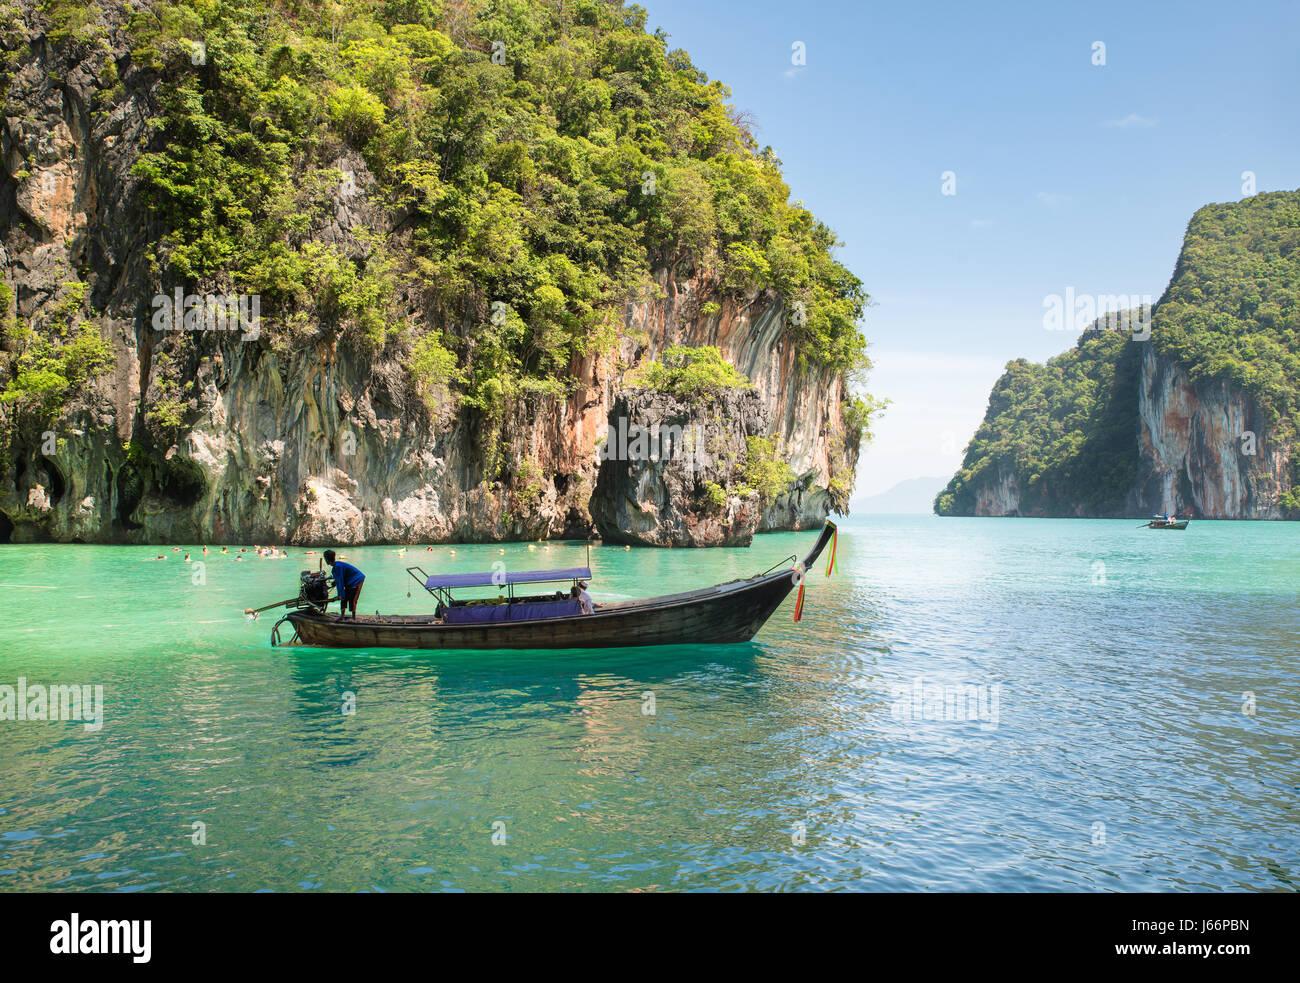 Magnifique paysage de montagne des roches et une mer cristalline avec bateau longtail à Phuket, Thailande. Photo Stock